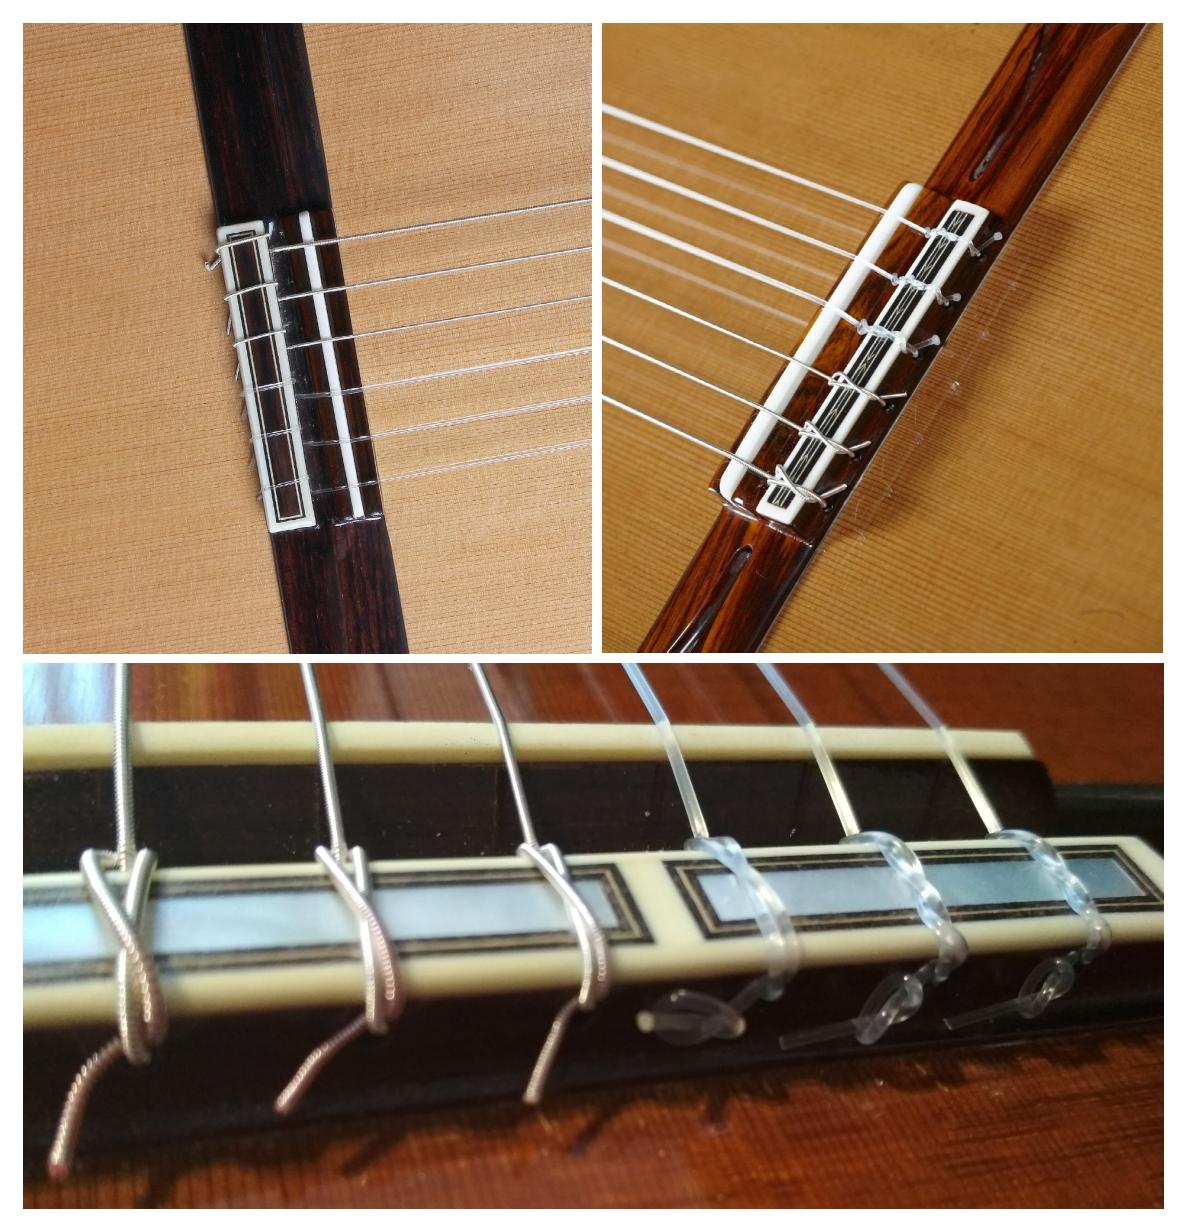 Comment puis-je mettre les cordes sur ma guitare?